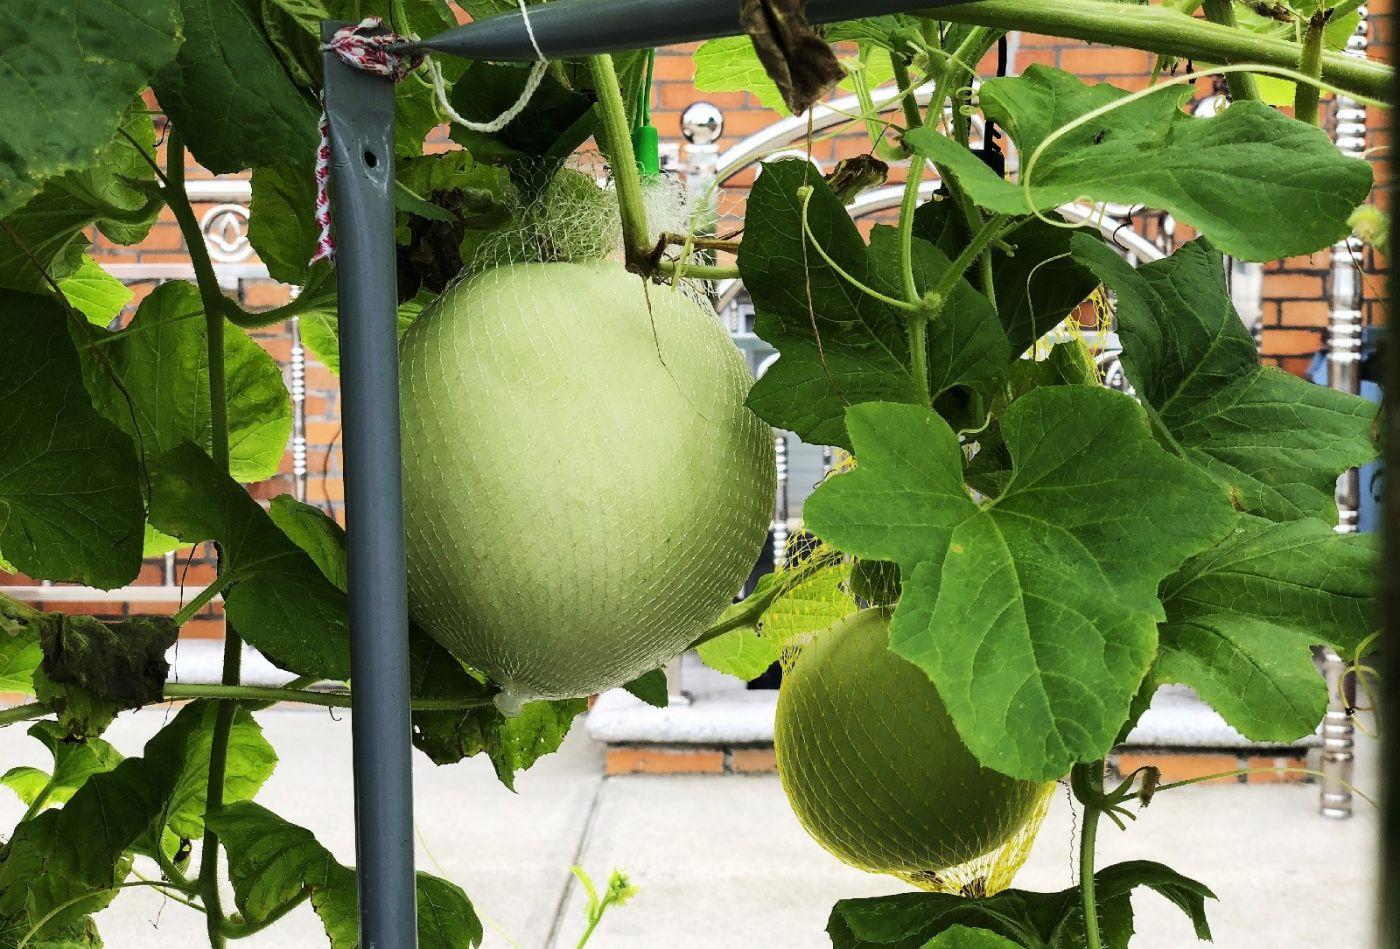 【田螺随拍】路边窗前的小菜园子_图1-11